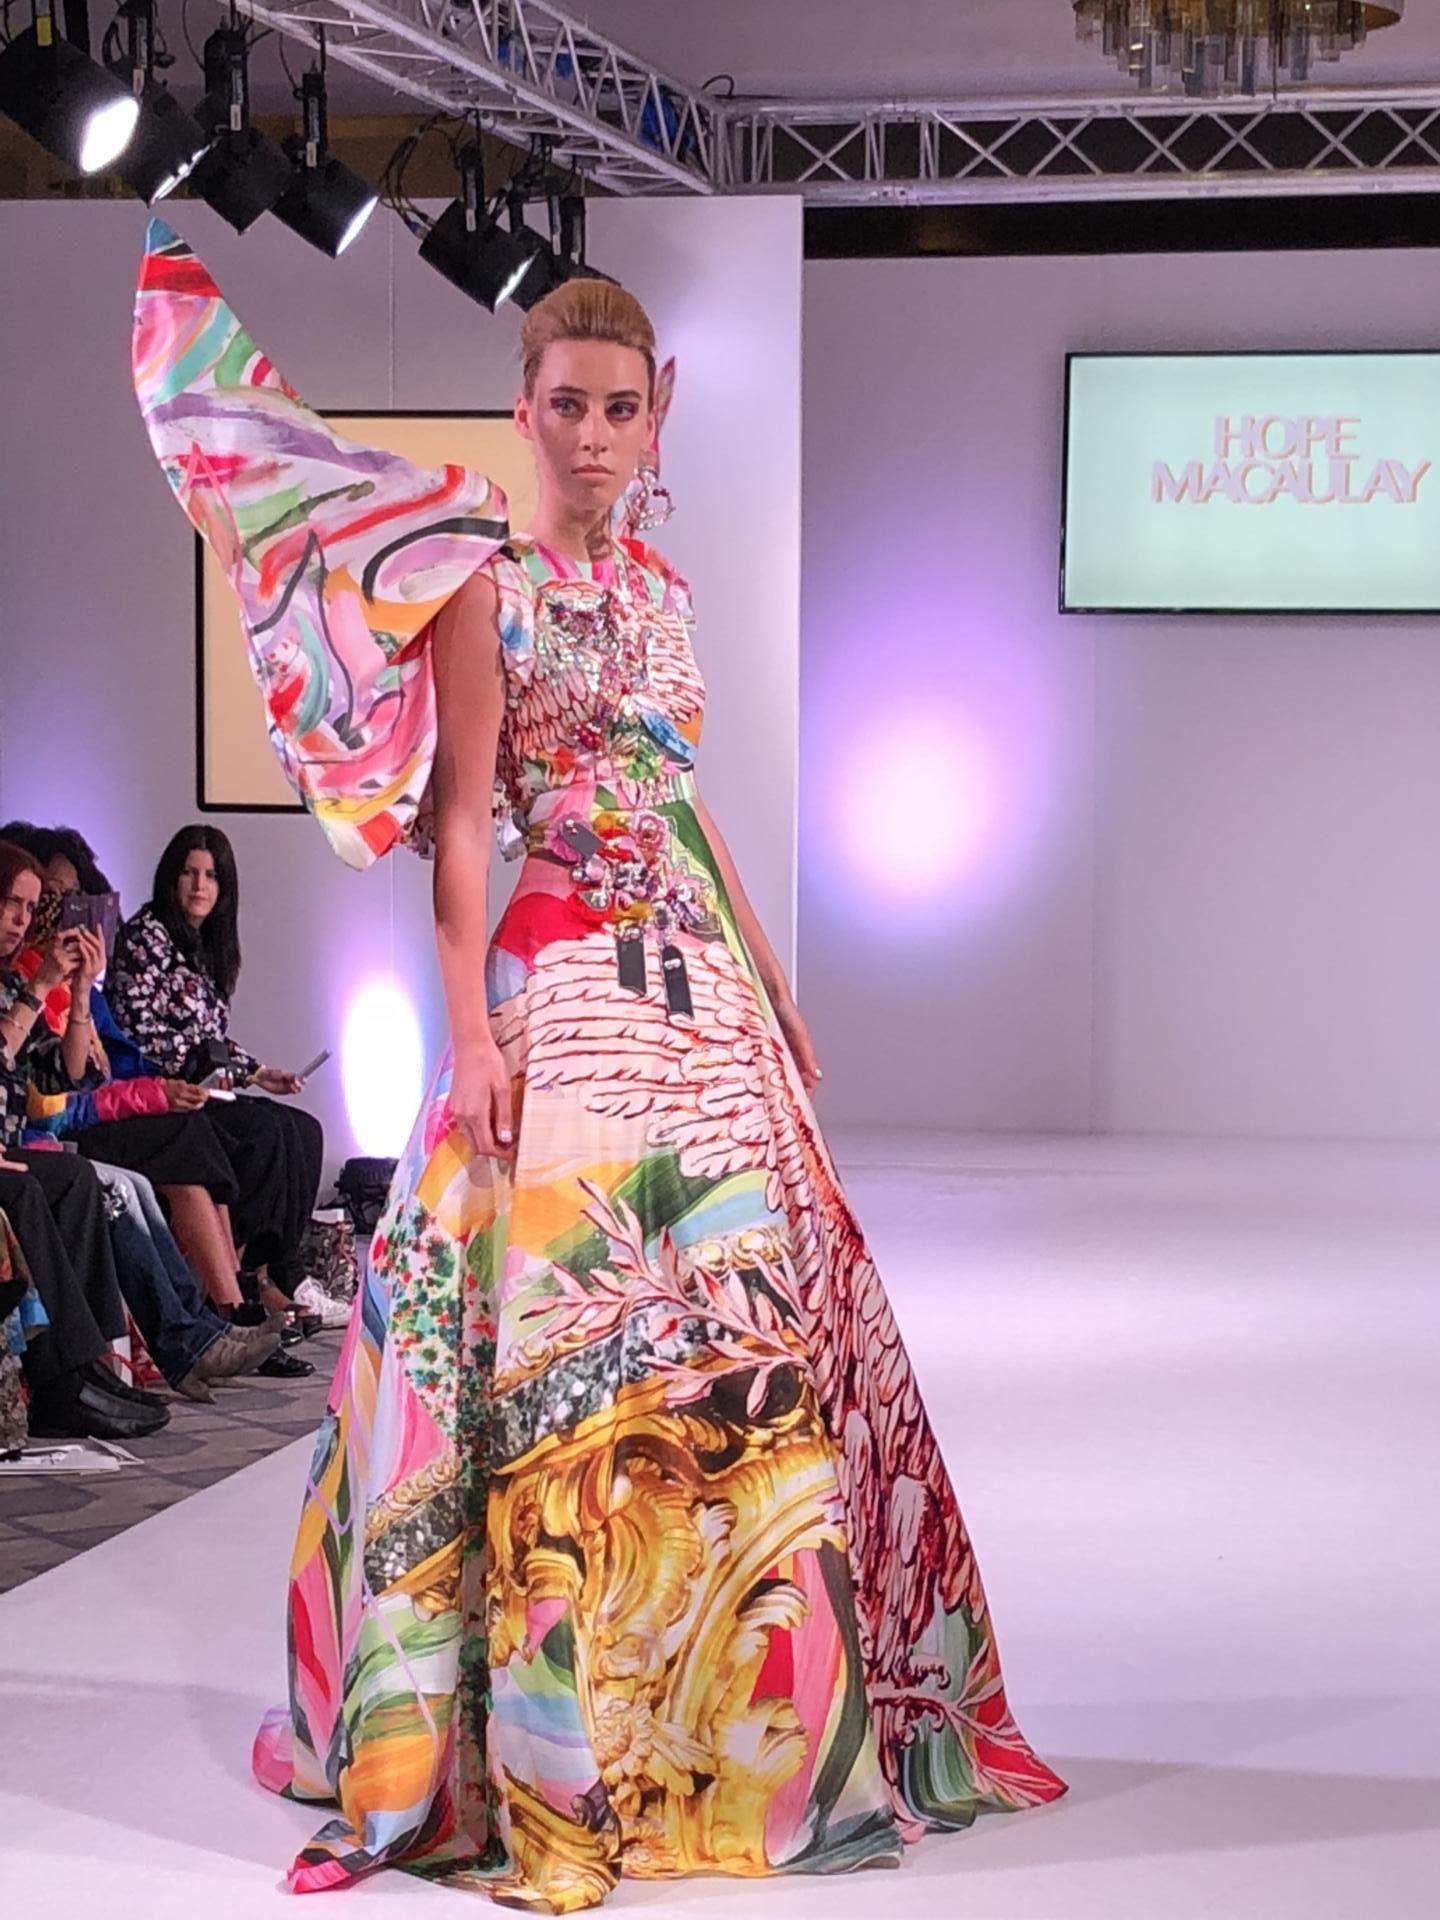 London Fashion Week Diaries: Day 3